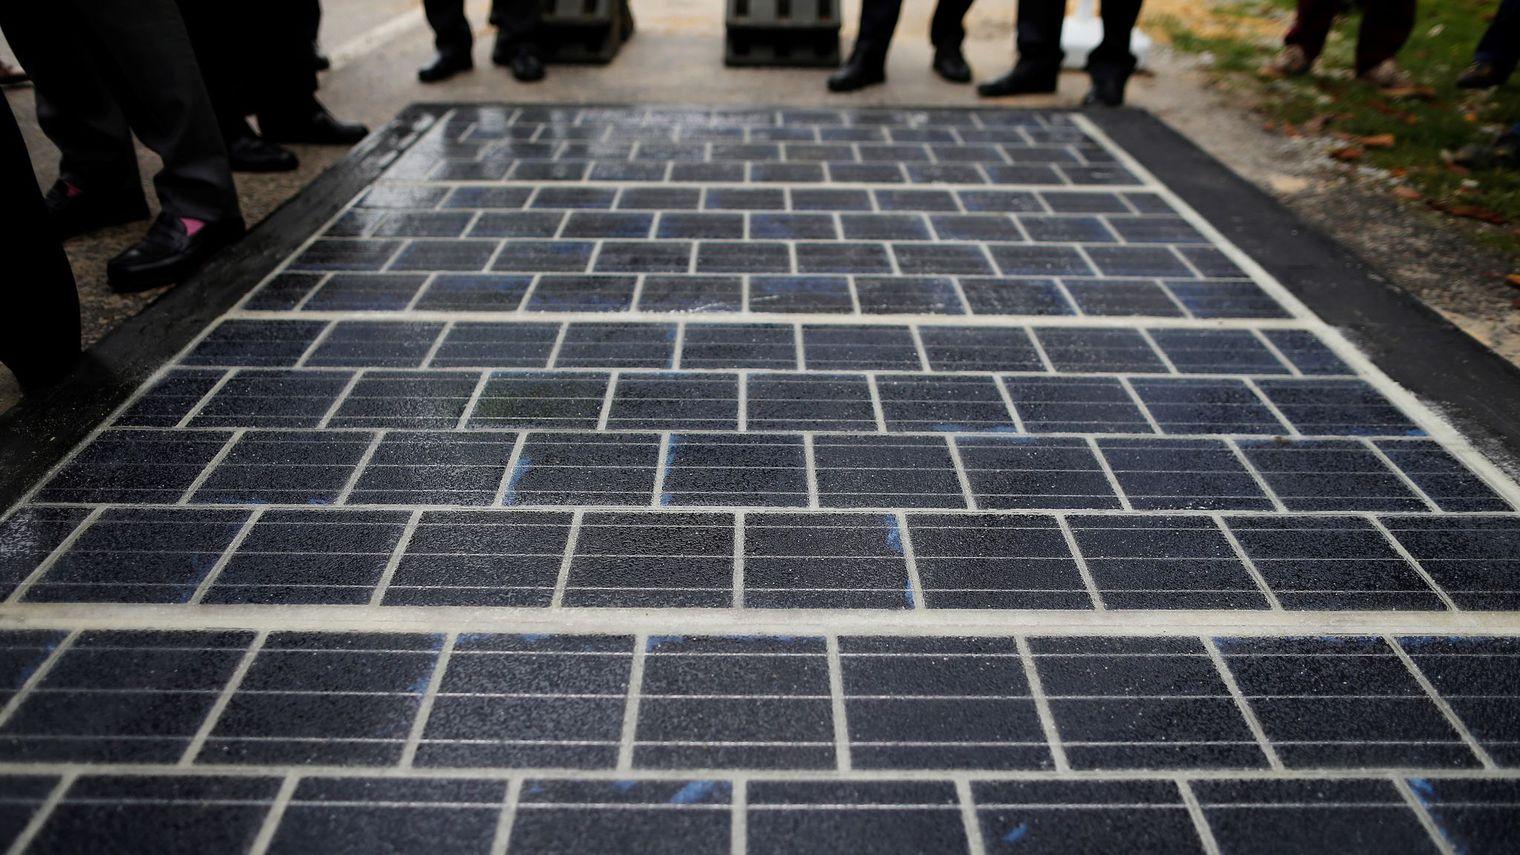 des-panneaux-photovoltaiques-a-l-occasion-du-lancement-des-travaux-de-la-premiere-route-solaire-a-tourouvre-nord-ouest-le-24-octobre-2016_5767601